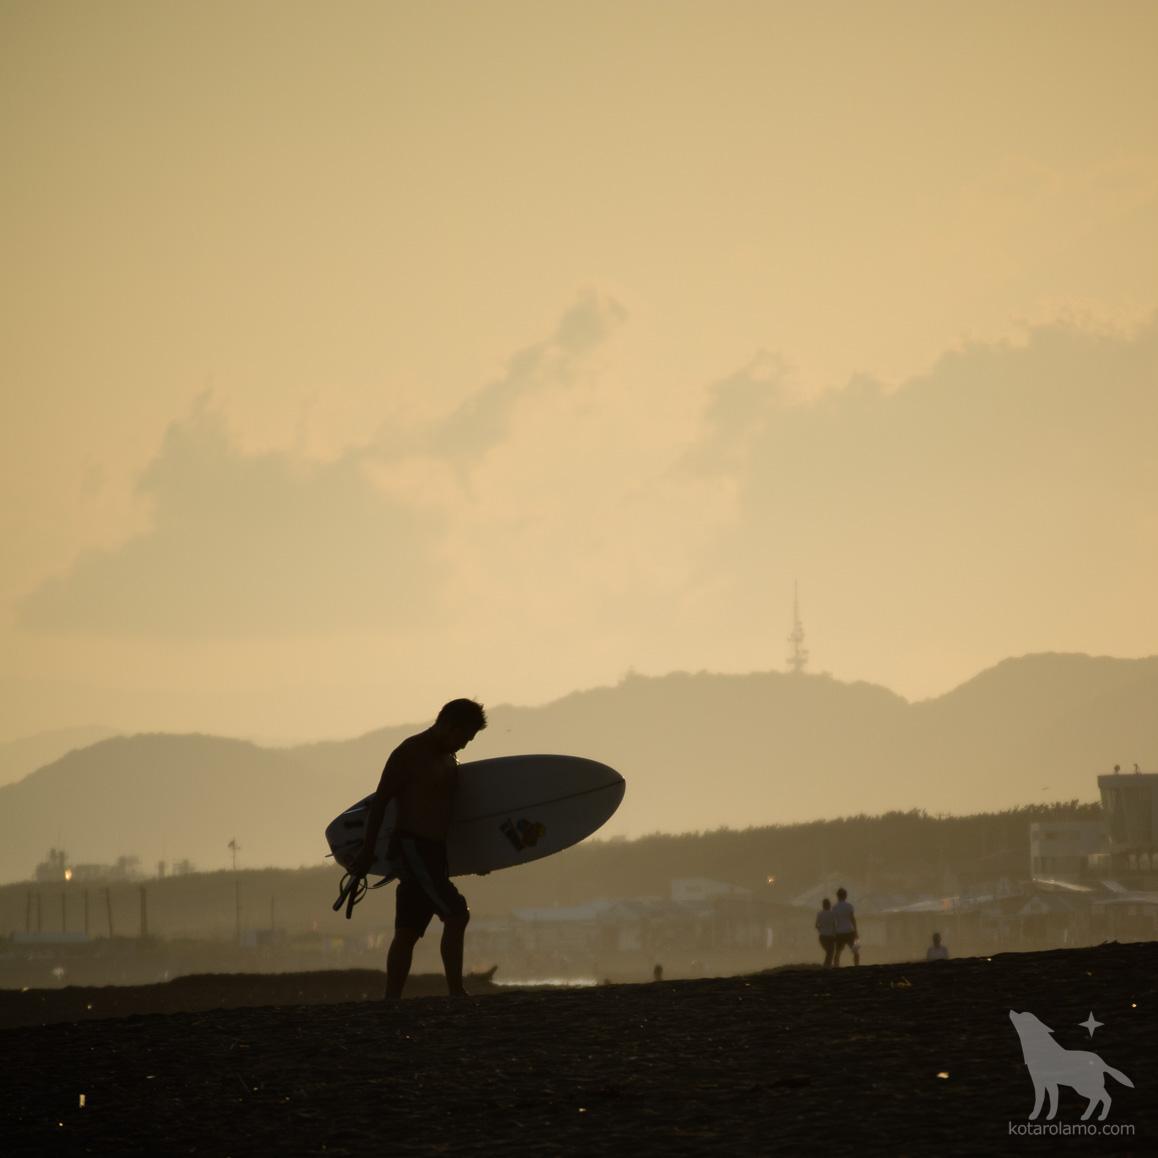 夕暮れ時の浜を歩くサーファー